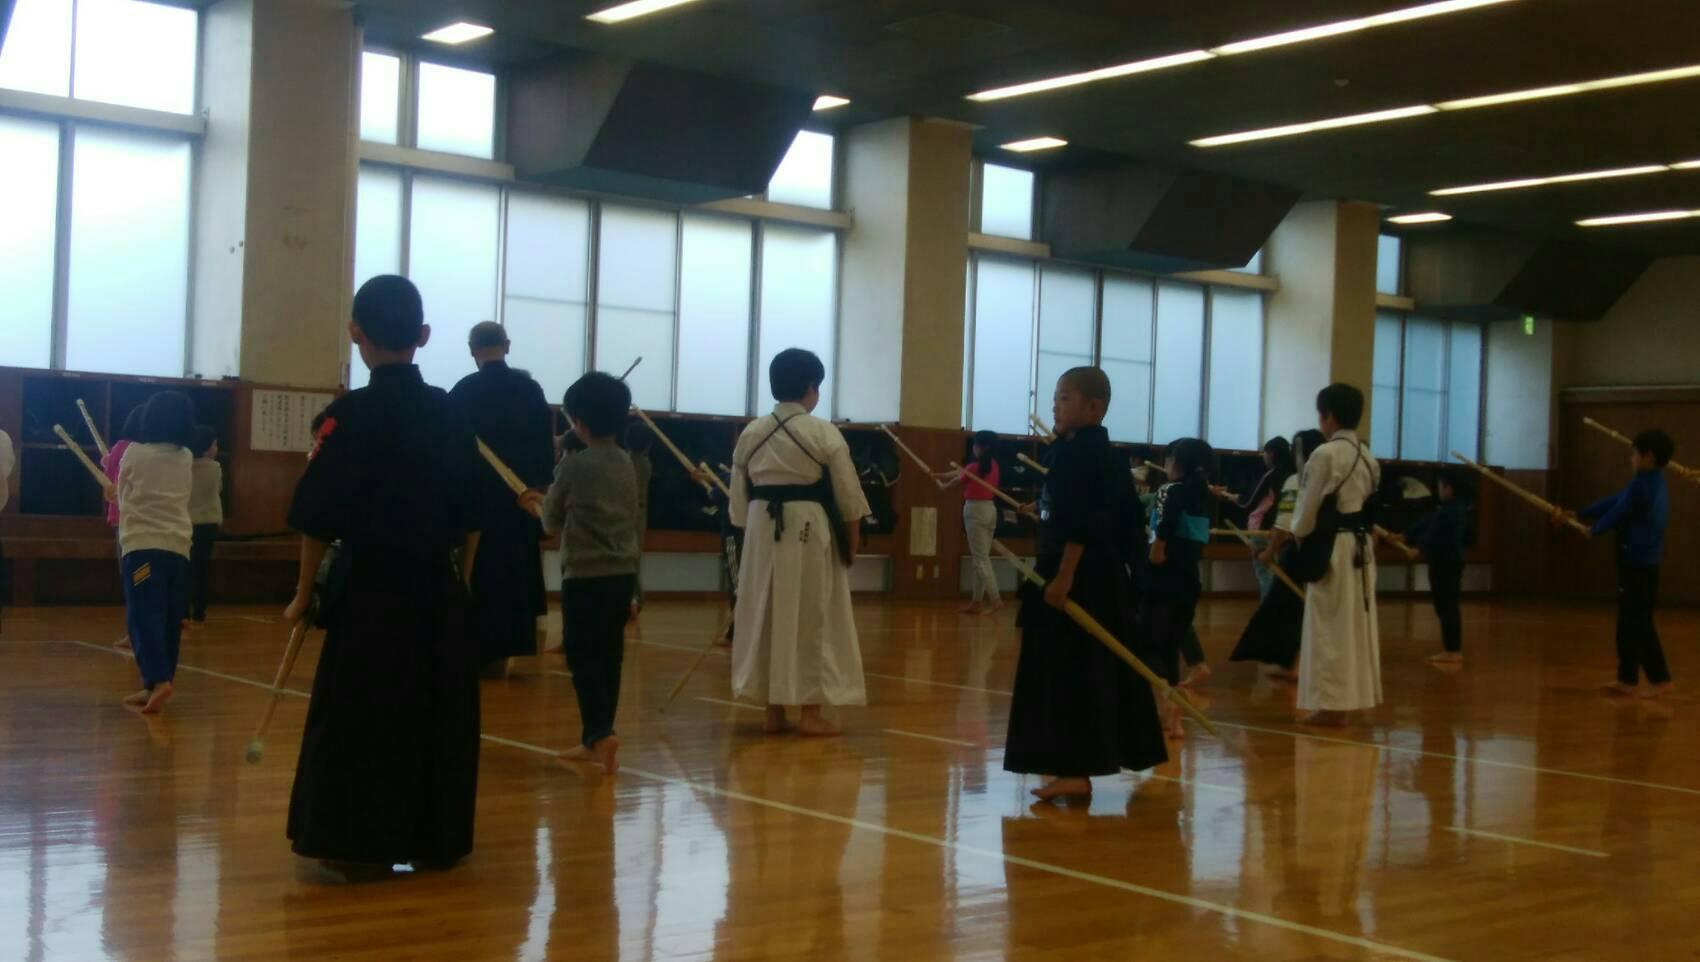 冬休み短期剣道教室に参加しました